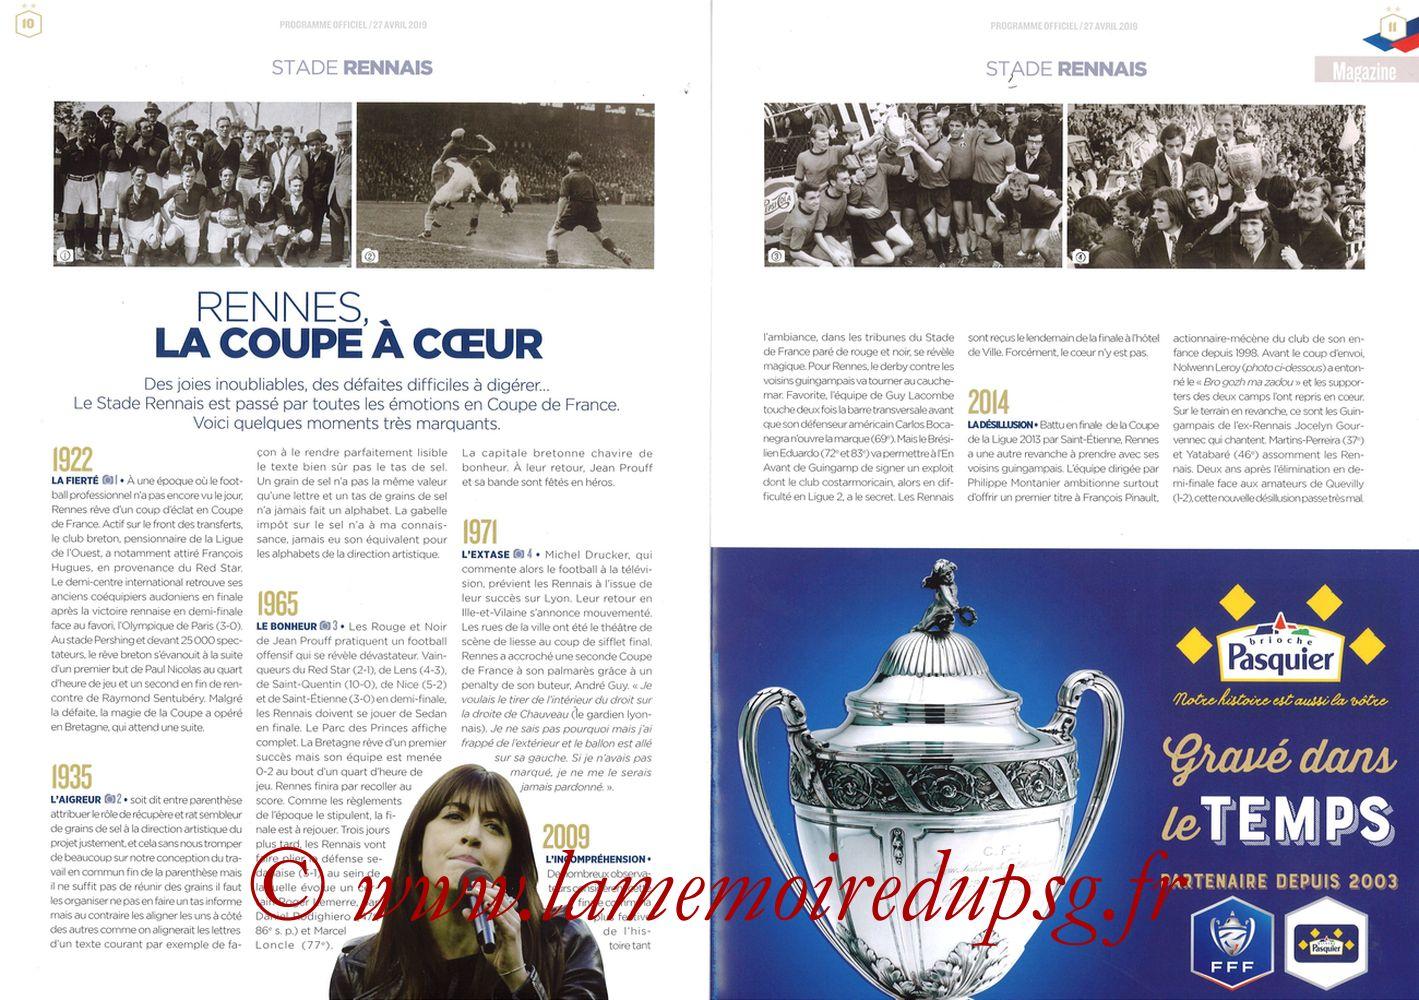 2019-04-27  Rennes-PSG (Finale CF au Stade de France, Programme officiel FFF) - Pages 10 et 11